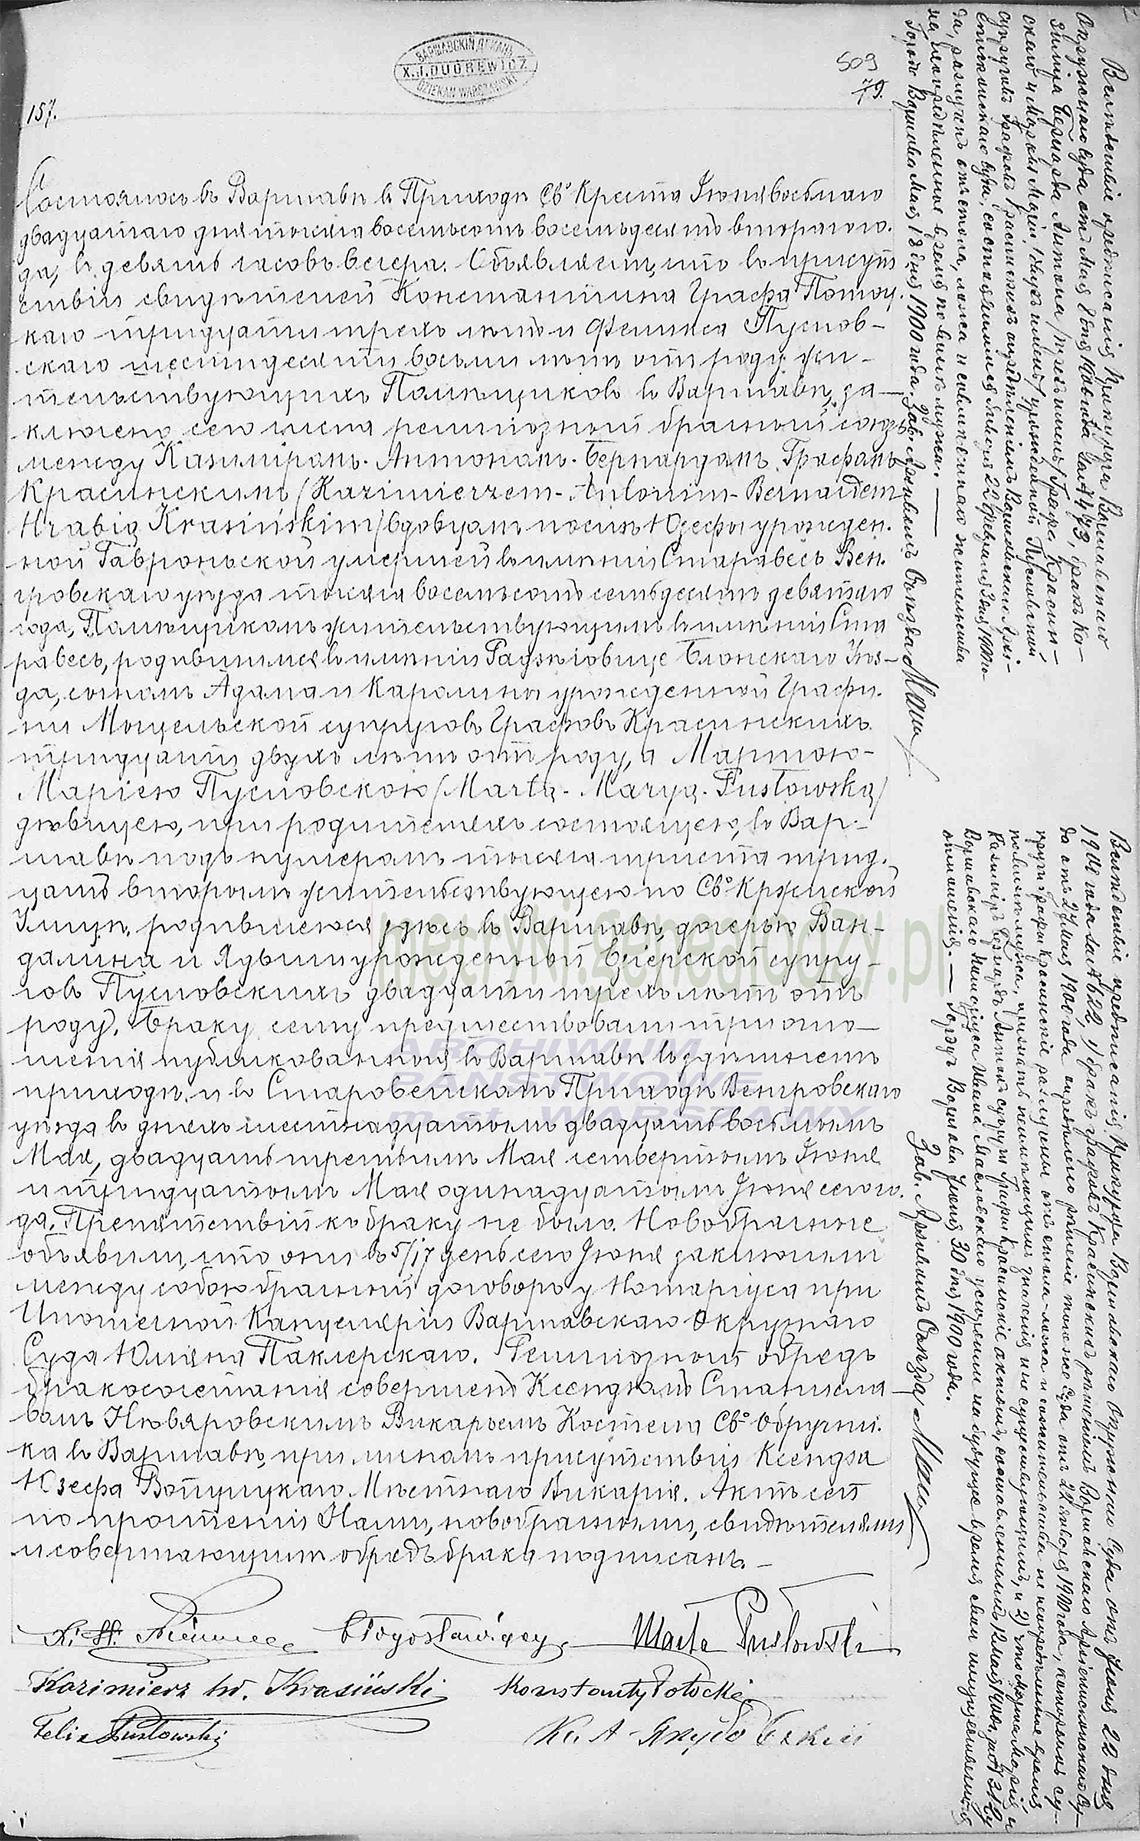 Akt stanu cywilnego małżeństwa Kazimierz Antoni Bernard Krasiński & Marta Maria Pusławska 08/20.06.1882 r.